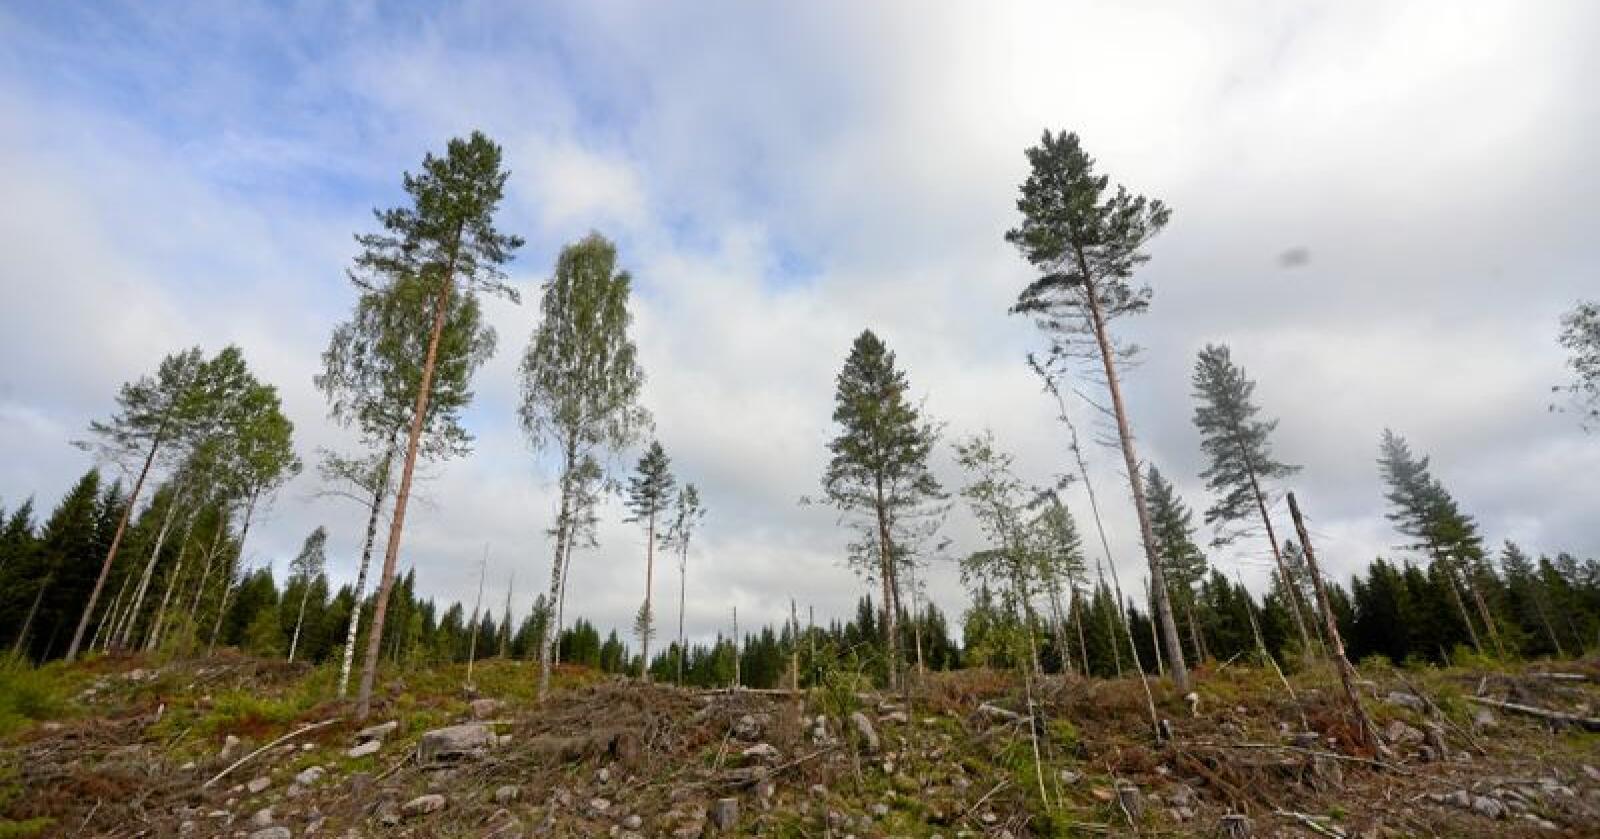 Det er behov for tømmer hele året for å holde blant annet industrien og entrepenørene i gang. Foto: Siri Juell Rasmussen